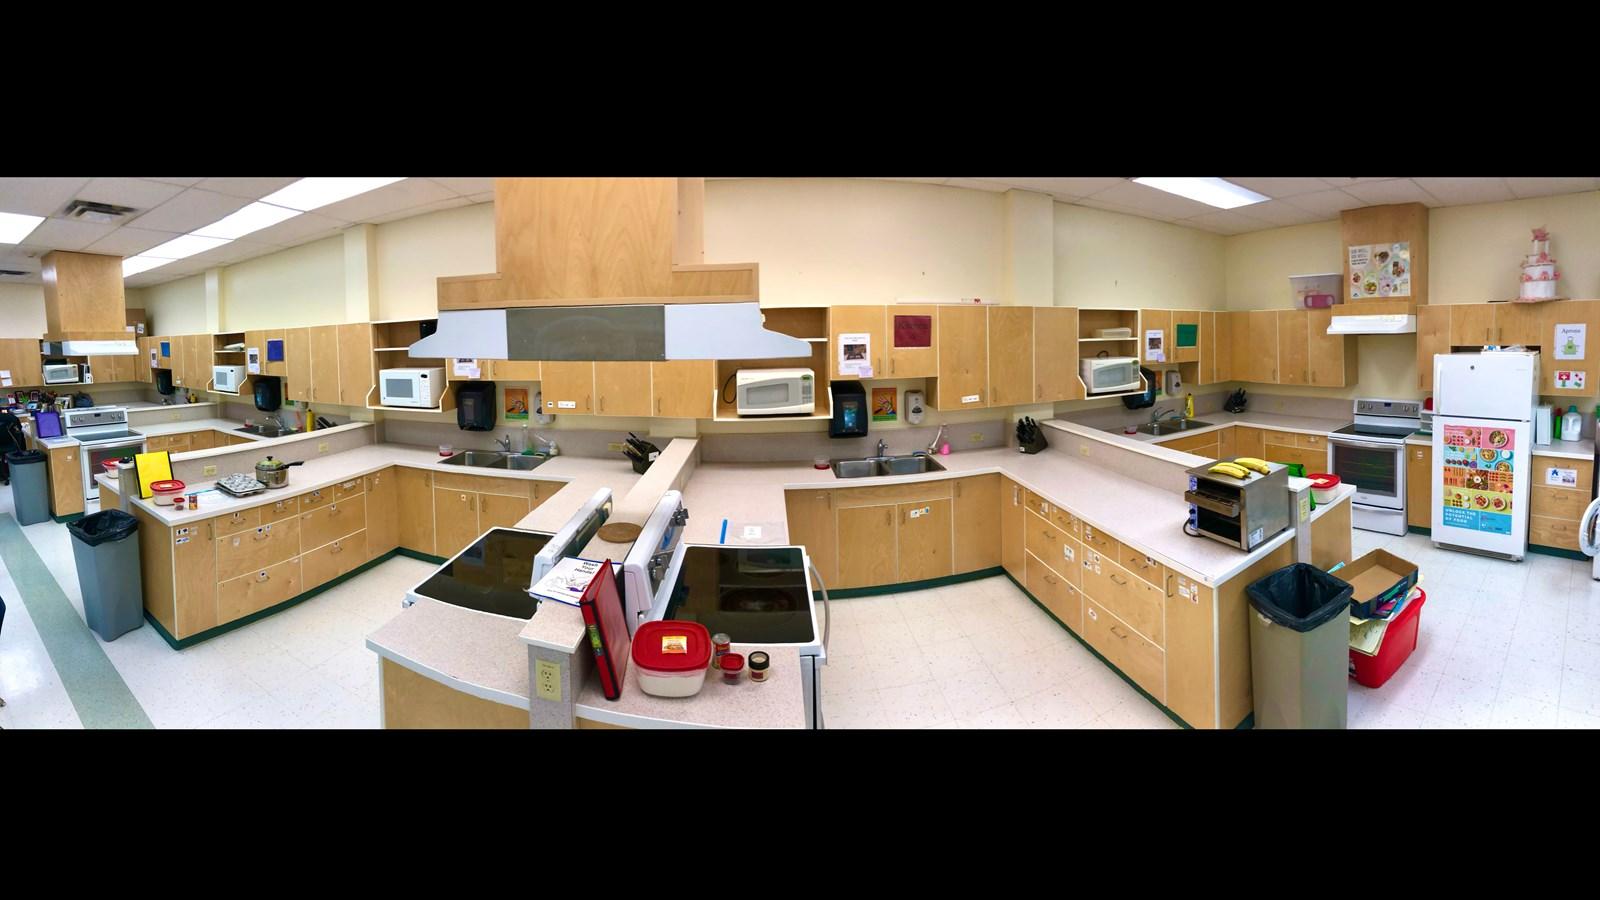 Foods Room